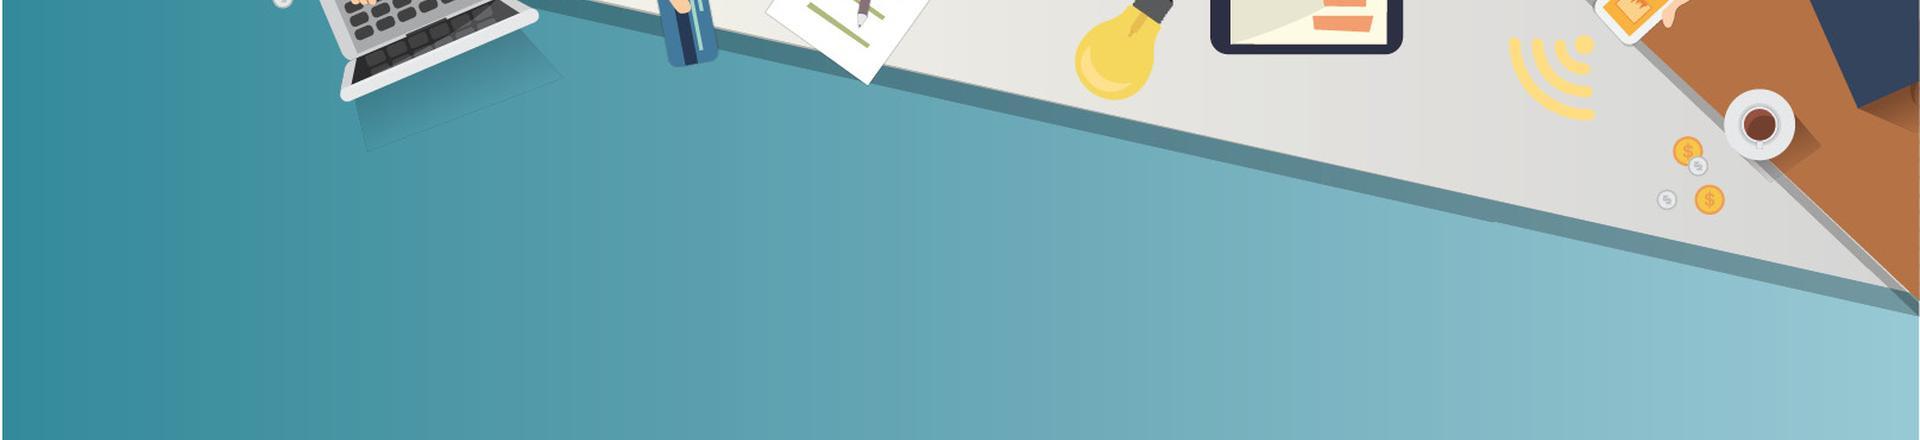 Dyrektywa PSD 2 - kluczowe zmiany na rynku usług płatniczych